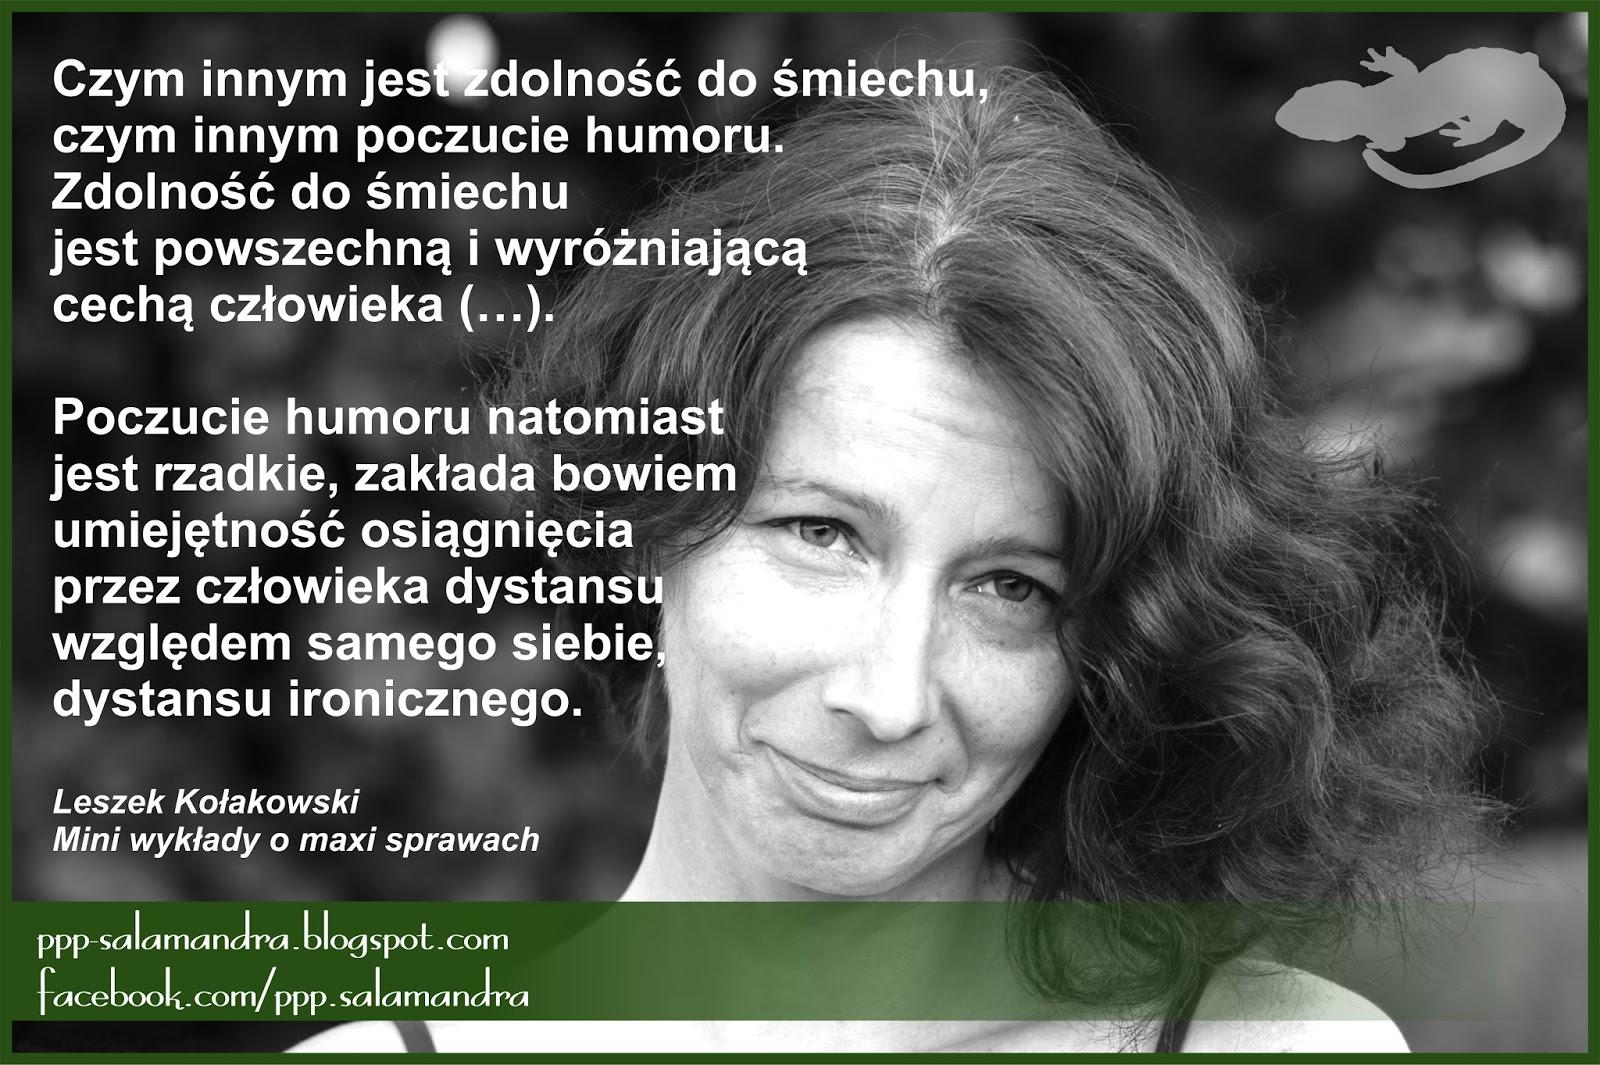 leszek kołakowski cytaty Leszek Kołakowski o poczuciu humoru   Pracownia Pomocy  leszek kołakowski cytaty